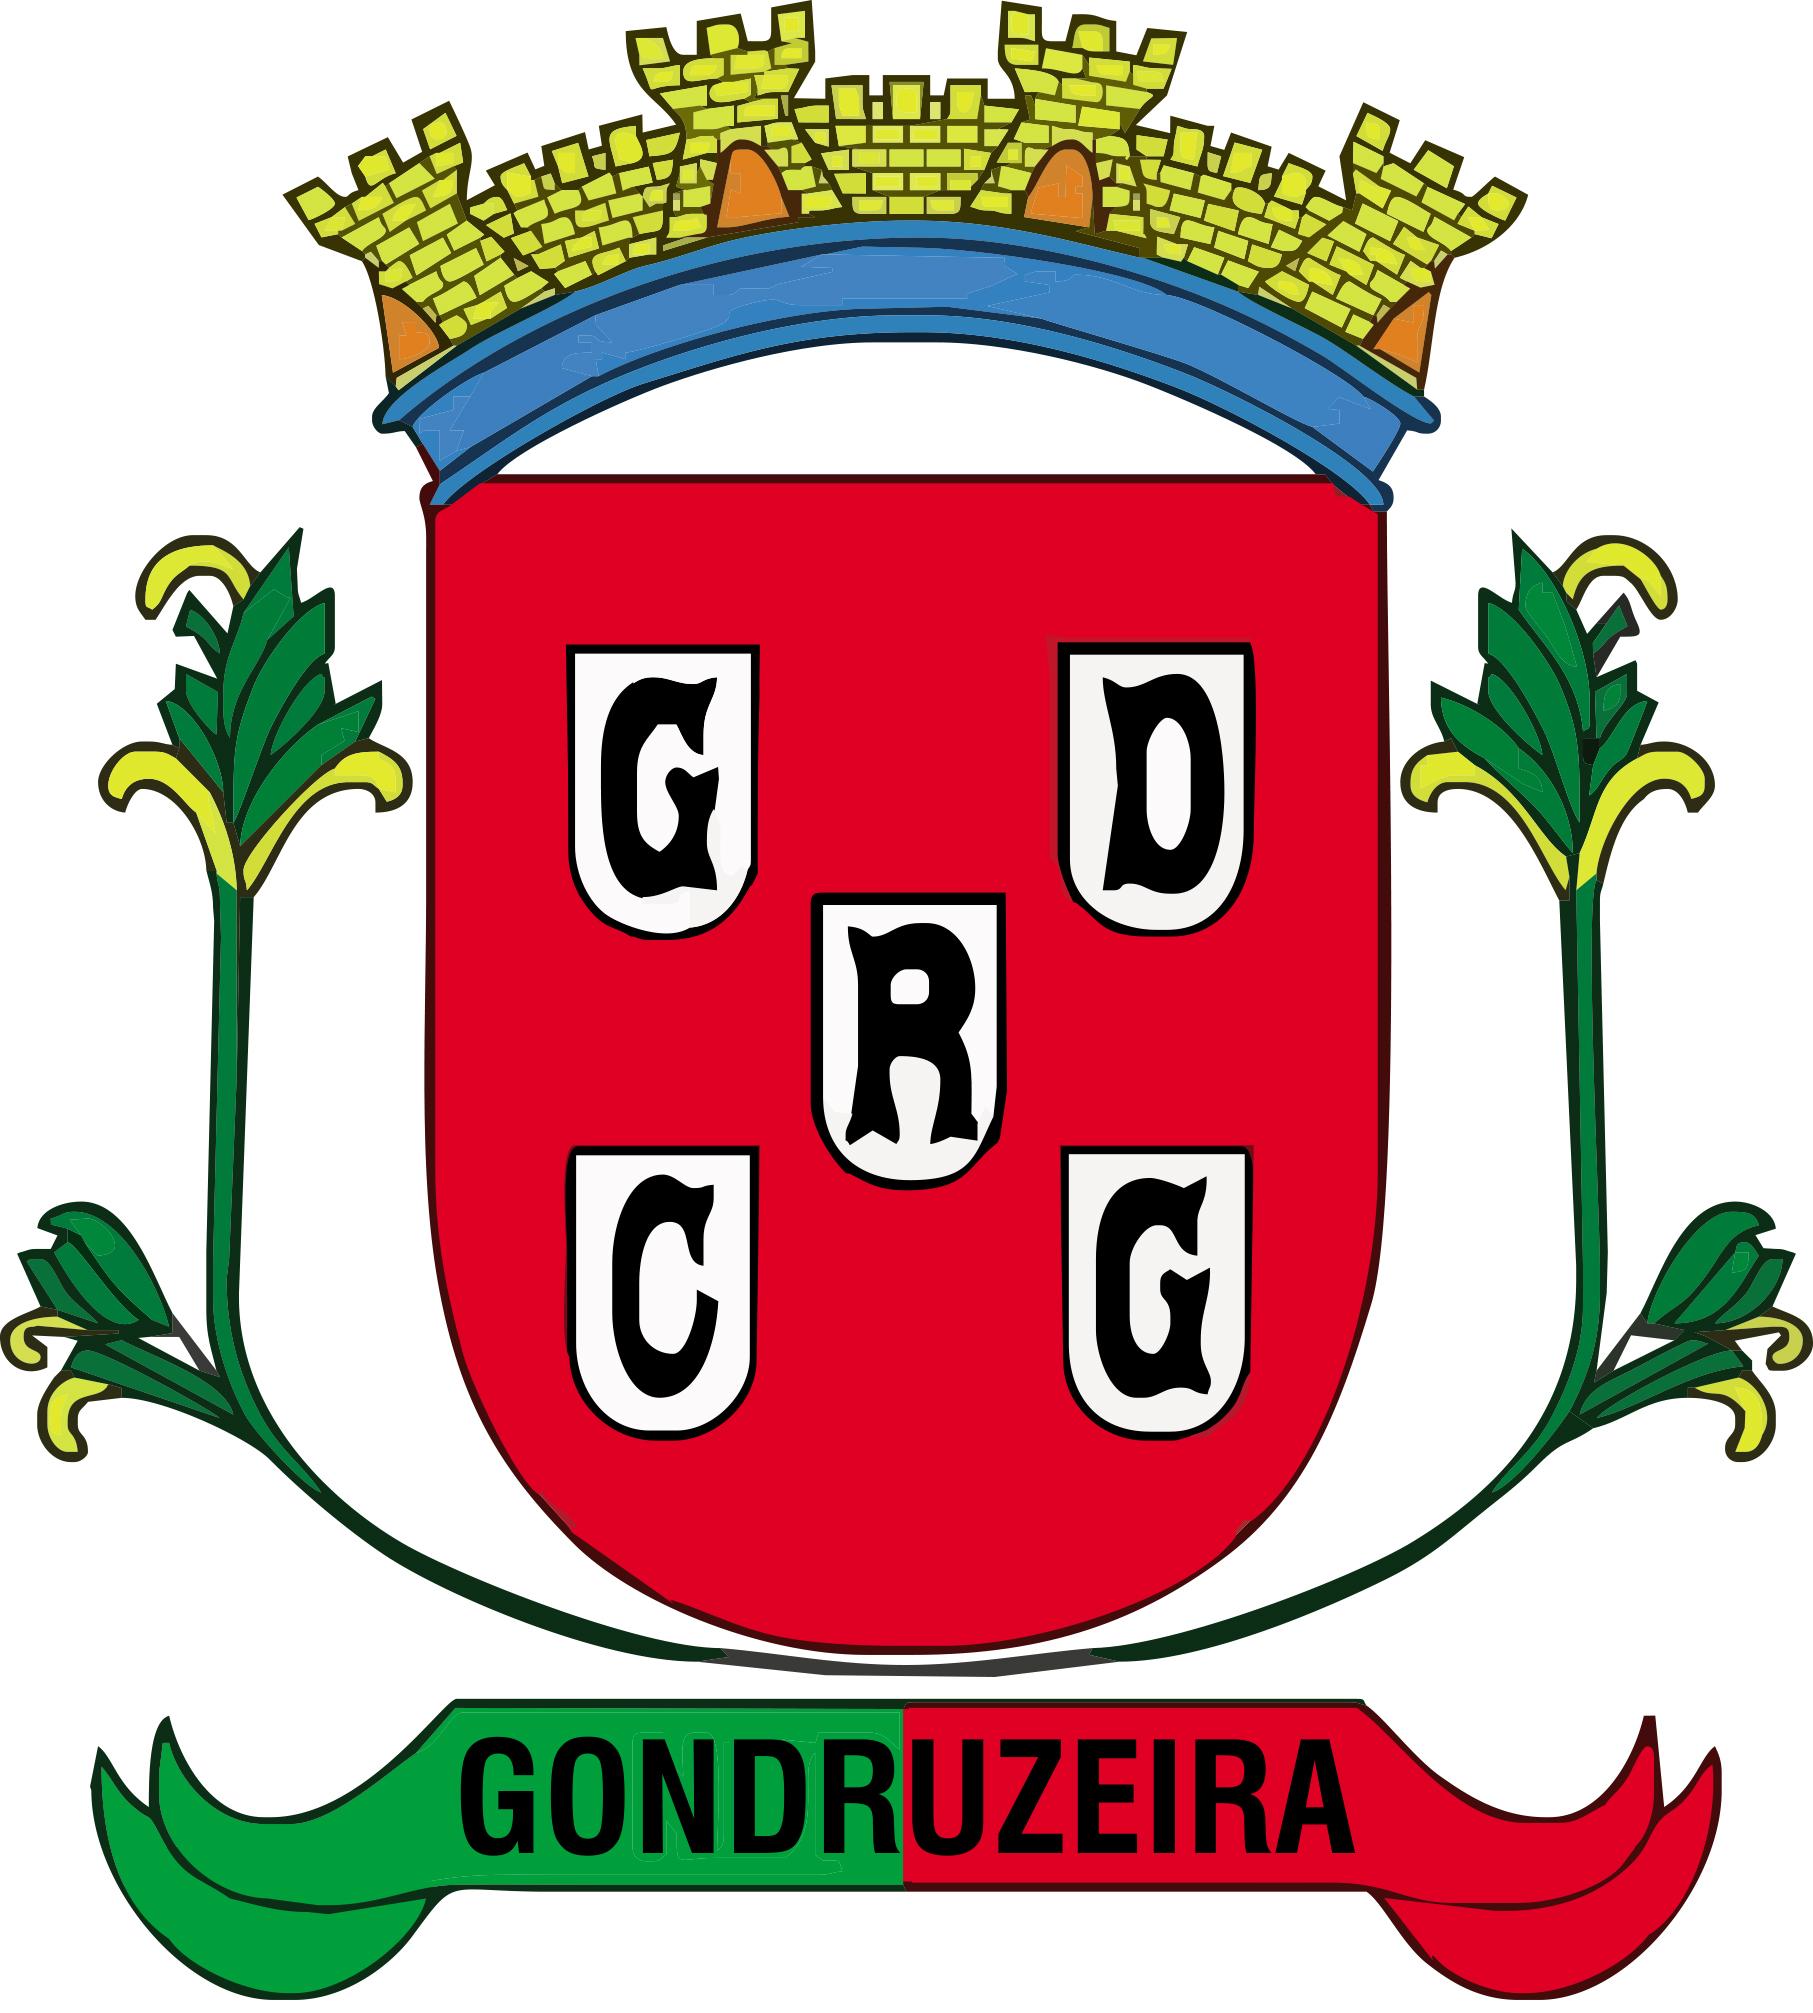 LOGO_GONDRUZEIRA